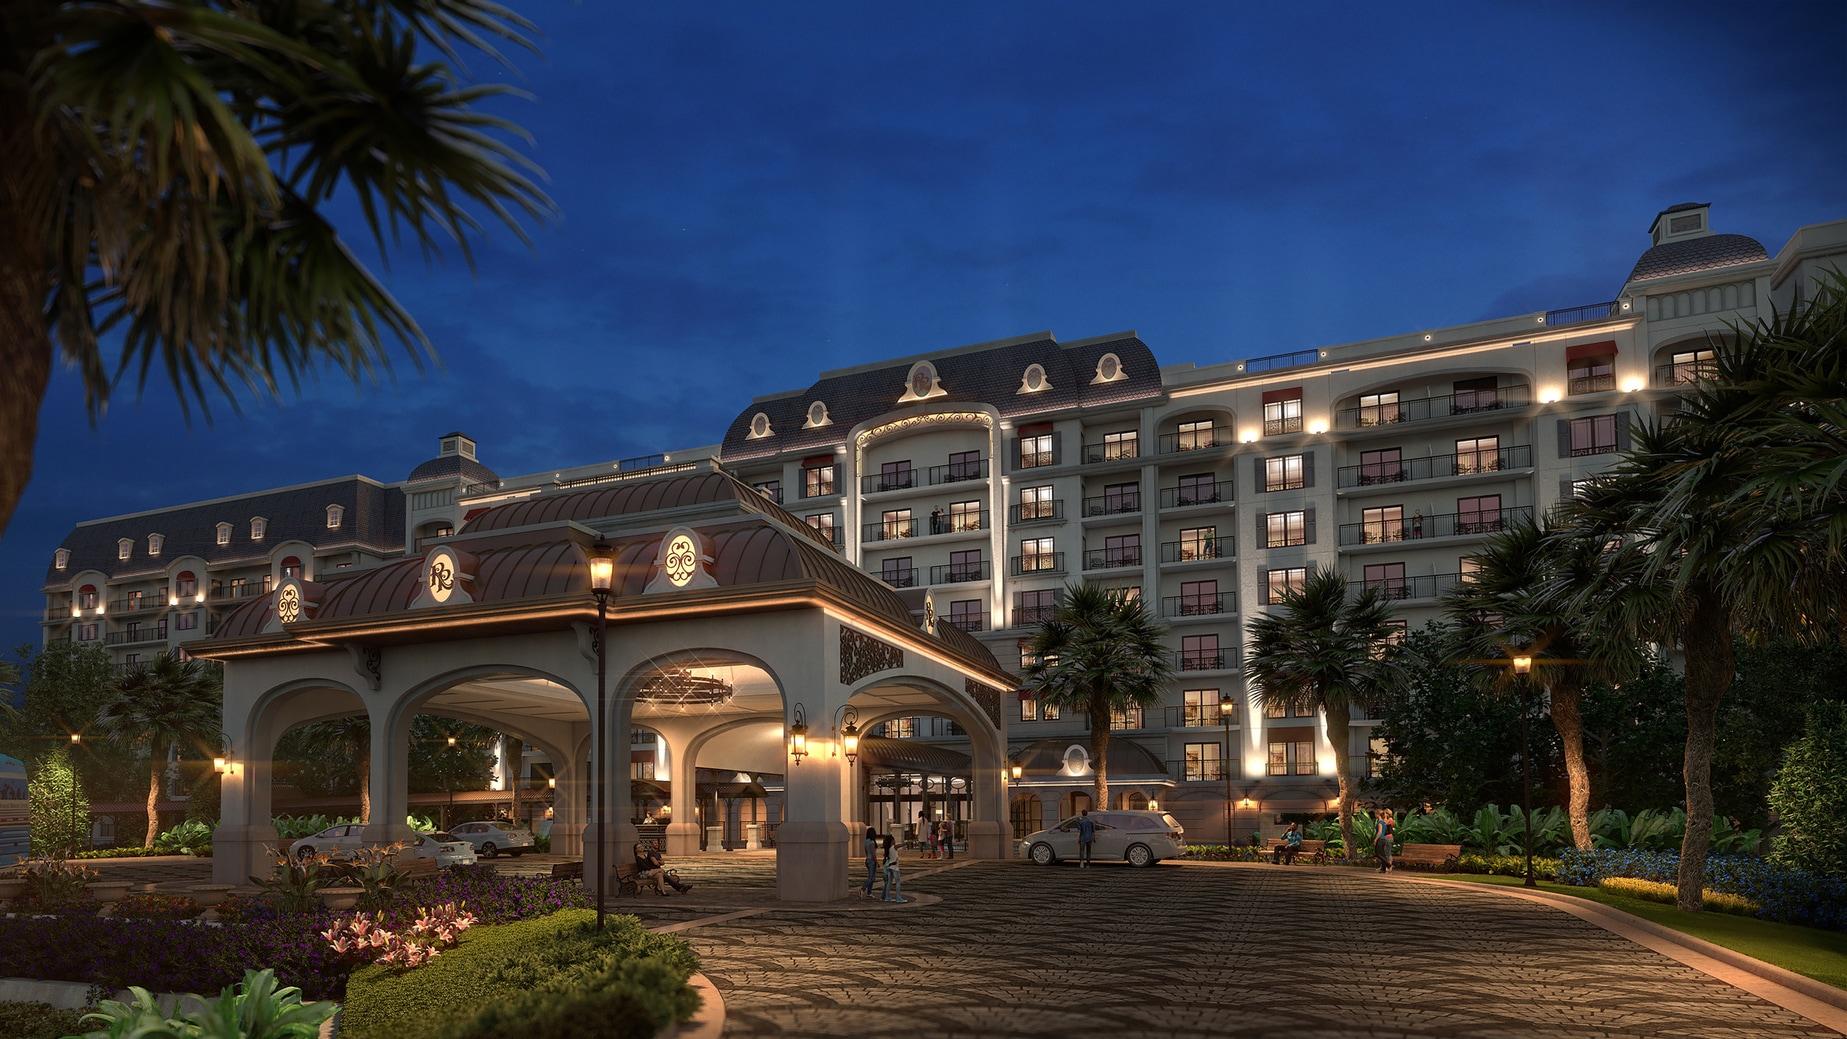 c8bd1f9c7 Disney s Riviera Resort — Projected to Open in December 2019